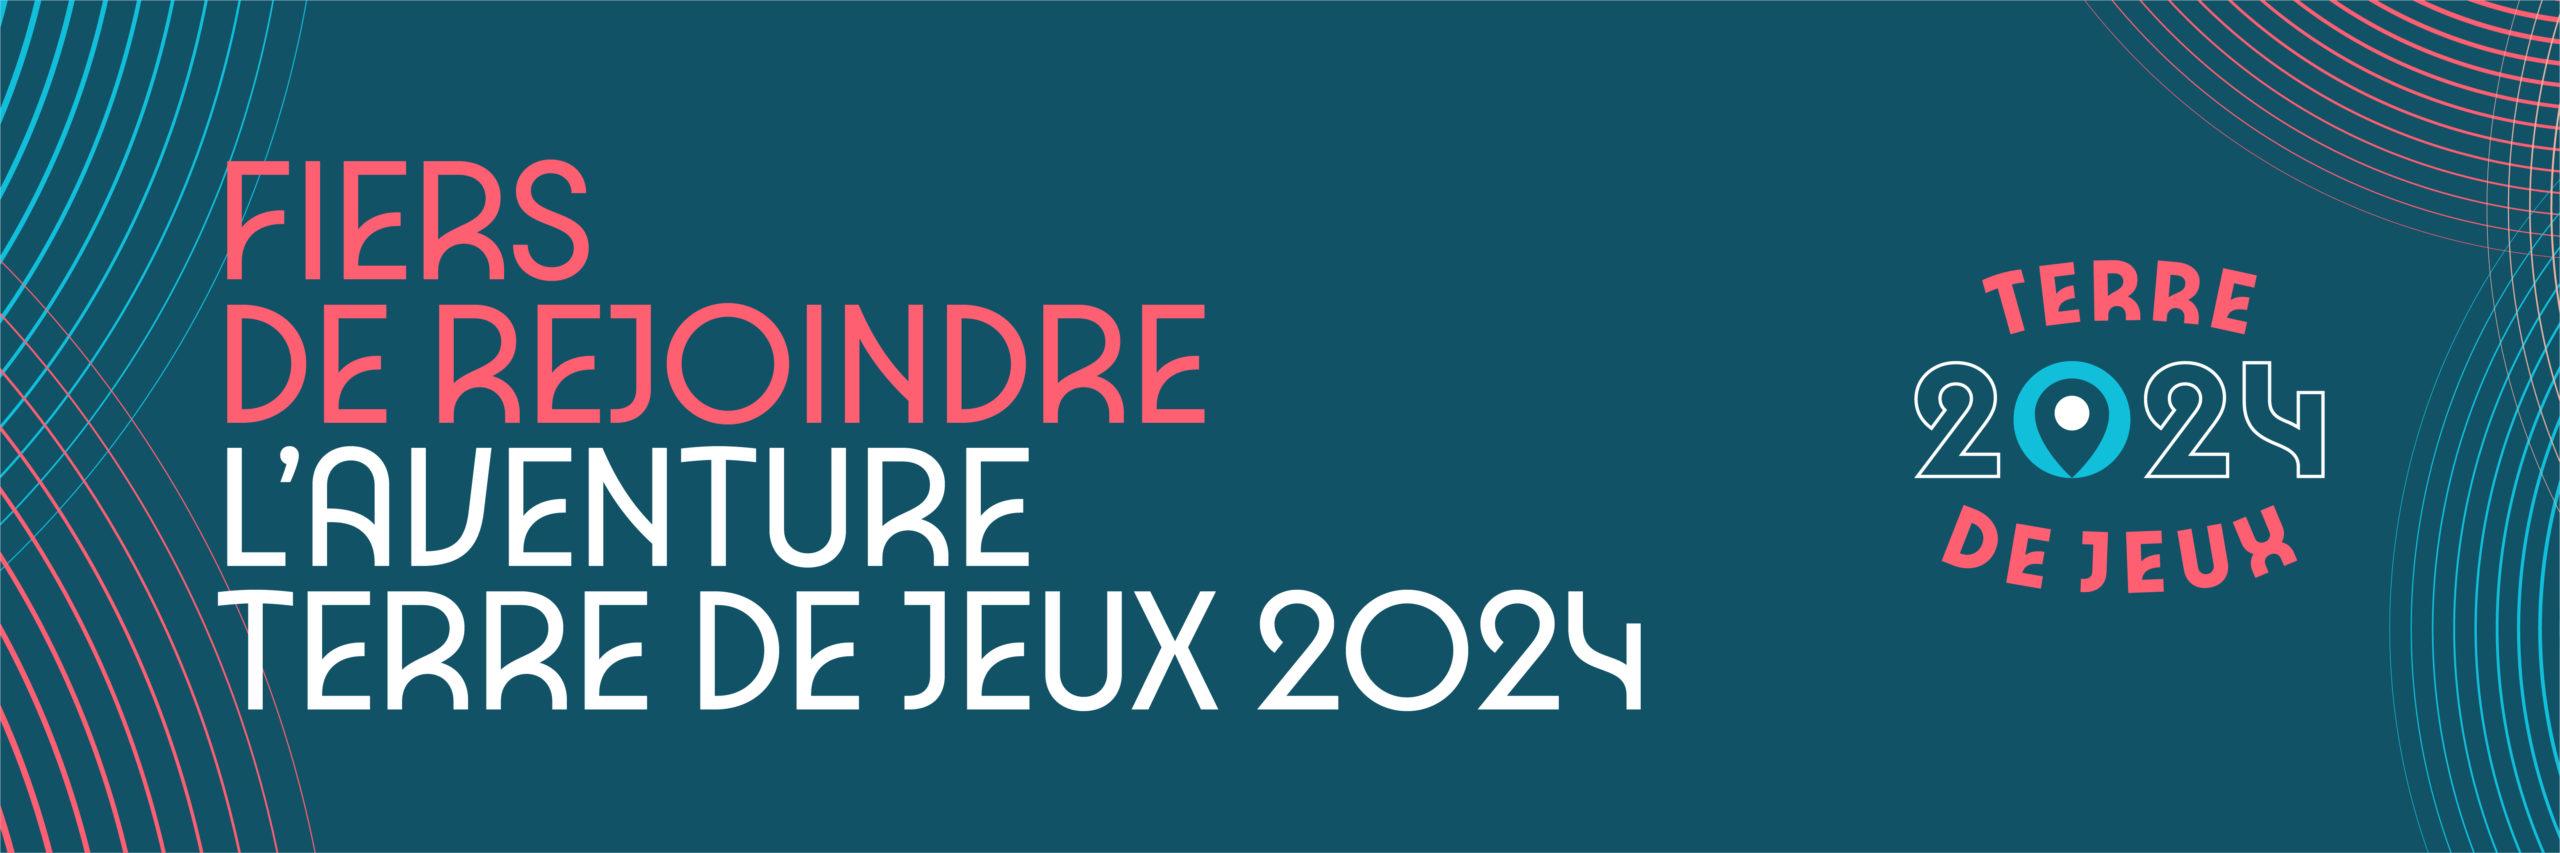 LABELLISATION TERRES DE JEUX 2024